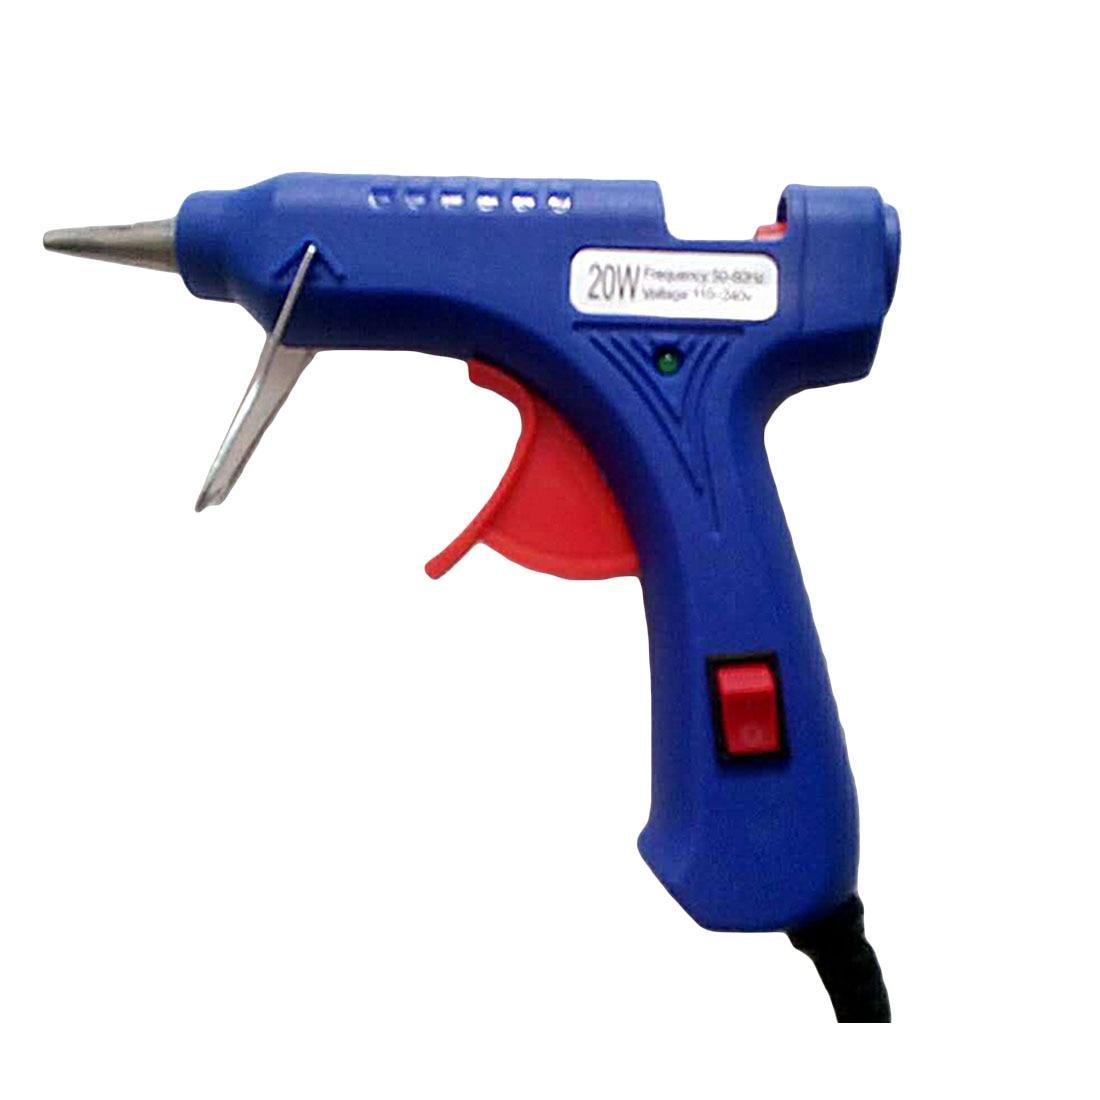 Новый Вт 1 шт. 20 Вт ЕС Plug термоплавкий клеевой пистолет промышленные мини пистолеты термо Электрический Gluegun тепла температура инст